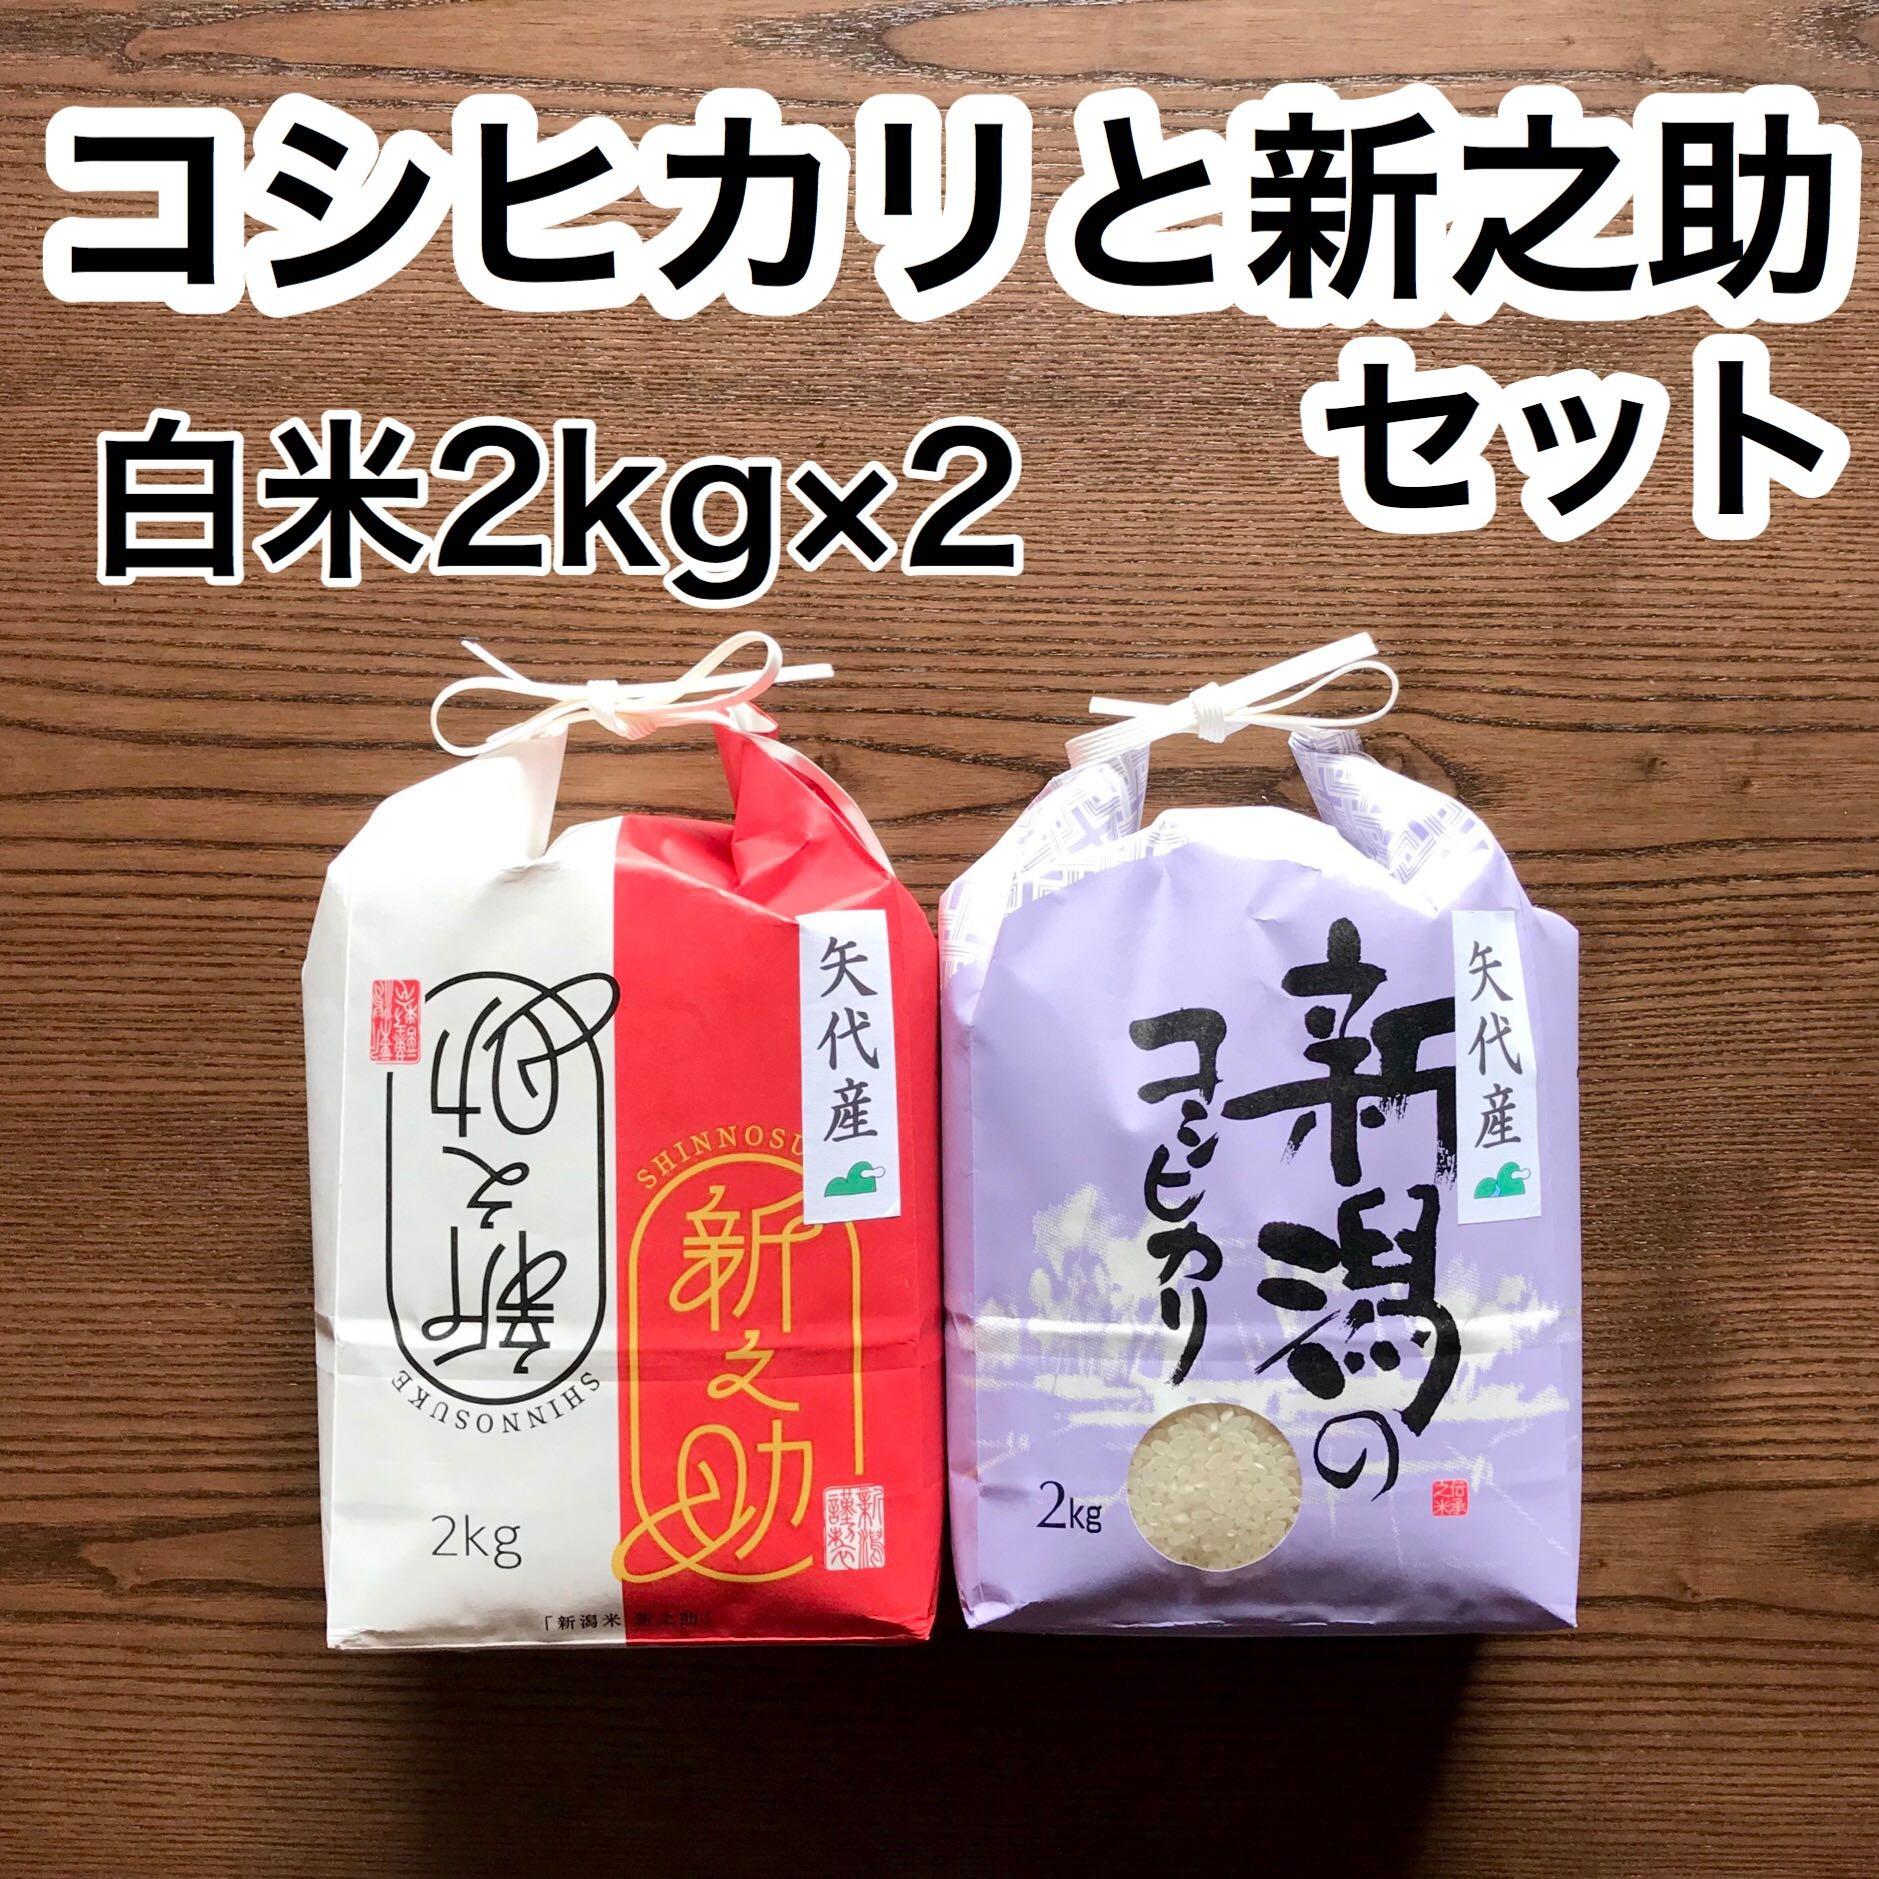 妙高矢代産コシヒカリ新之助セット 白米 2㎏×2